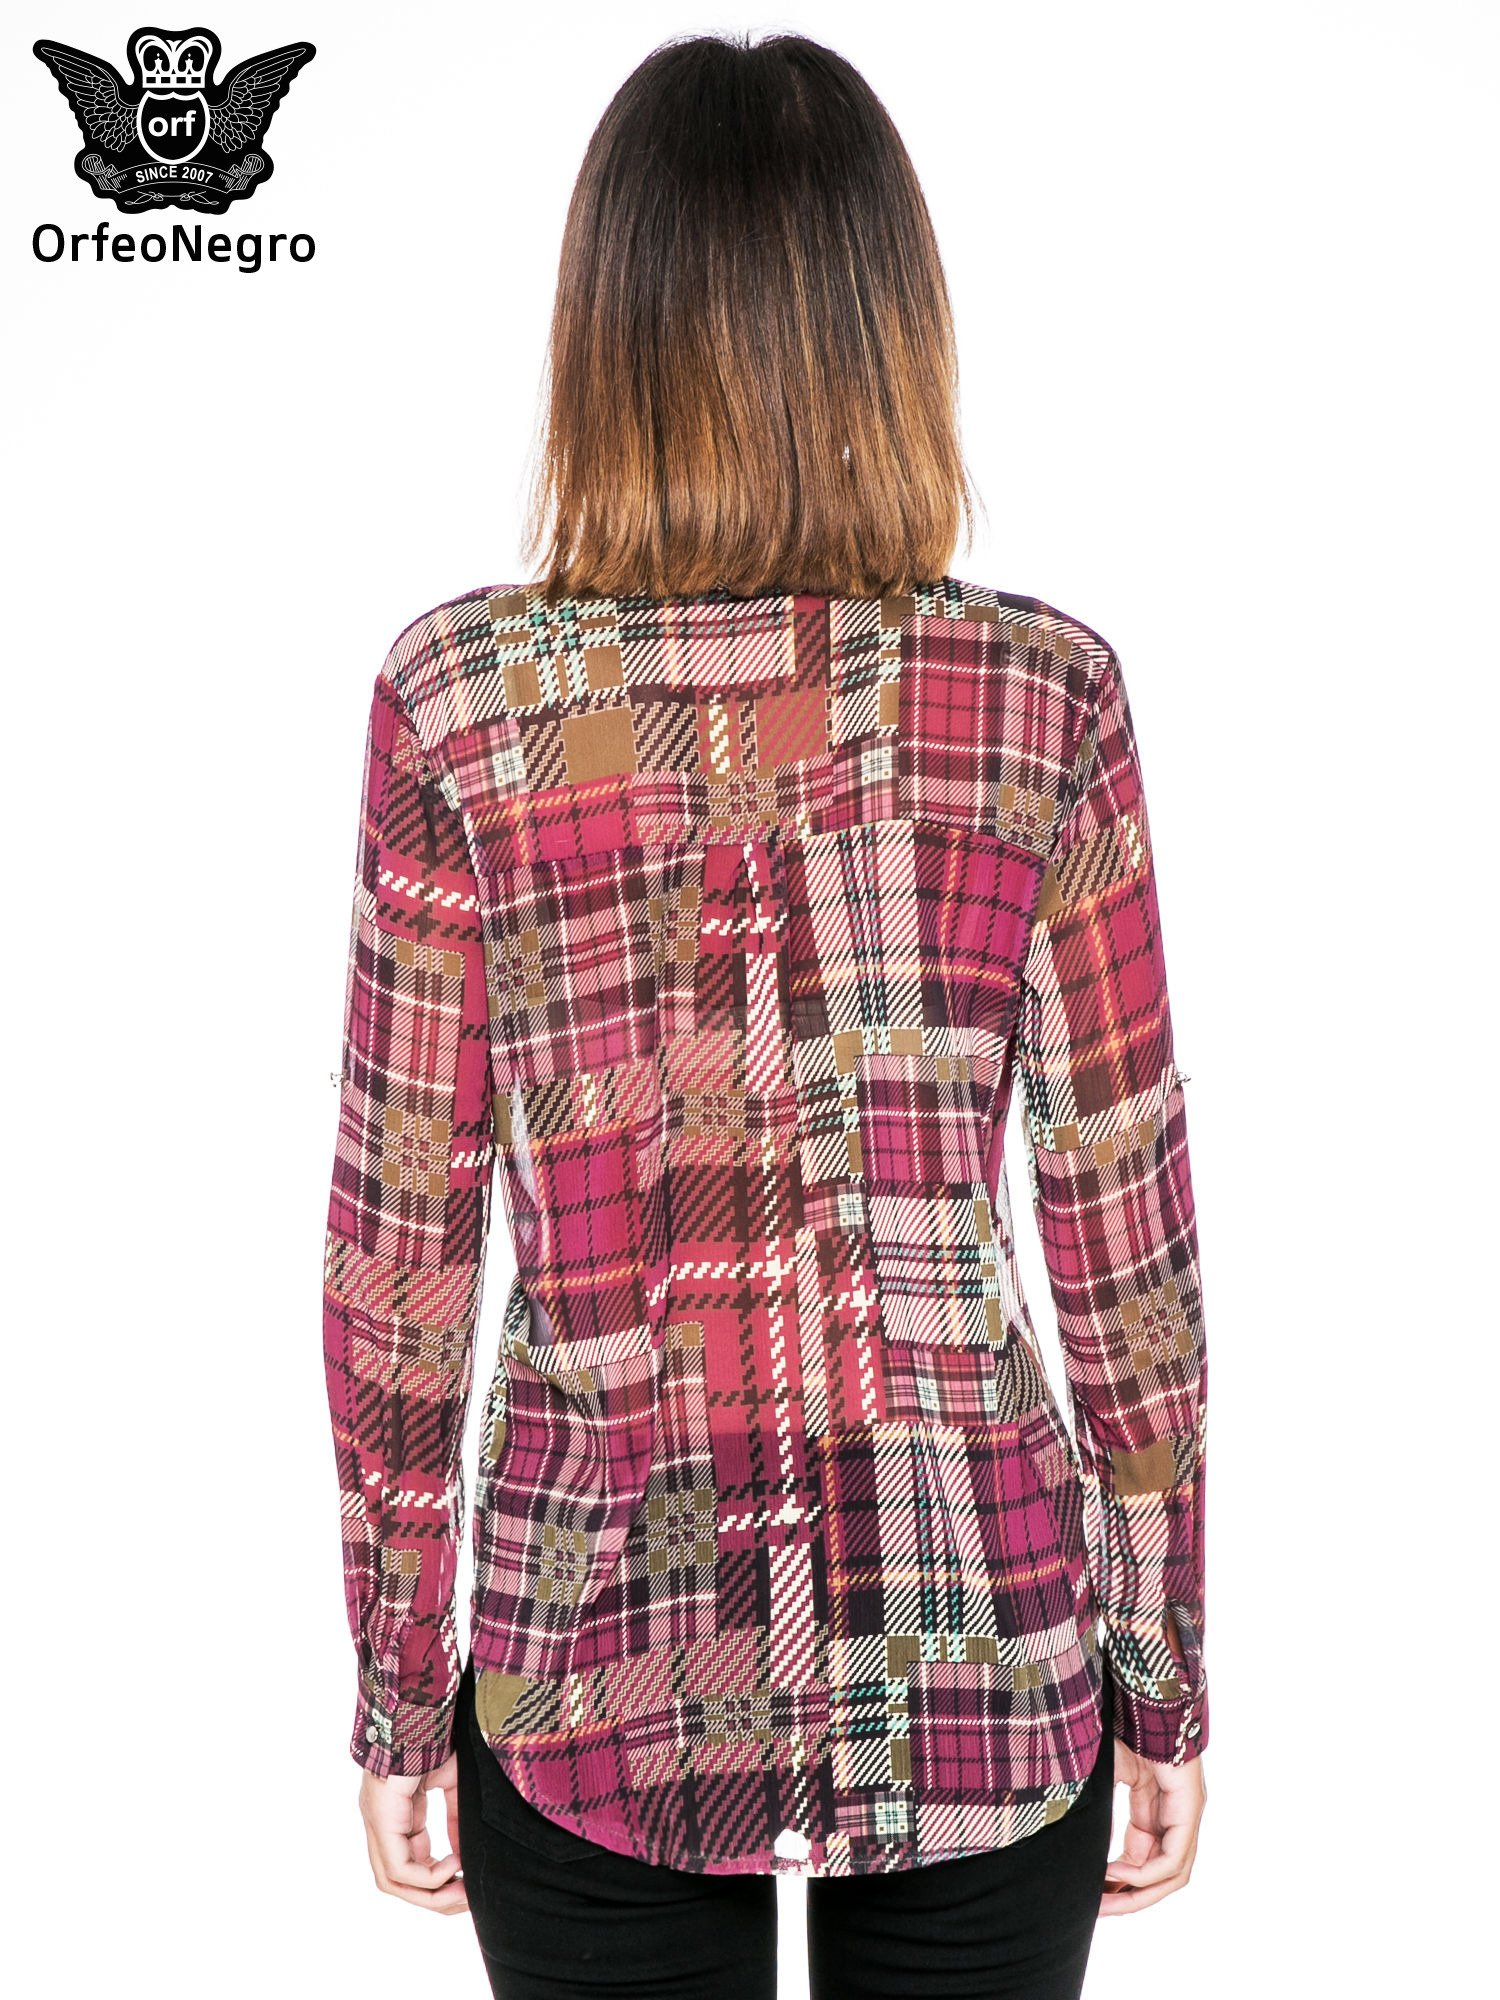 Fioletowa koszula damska w kratę                                  zdj.                                  4